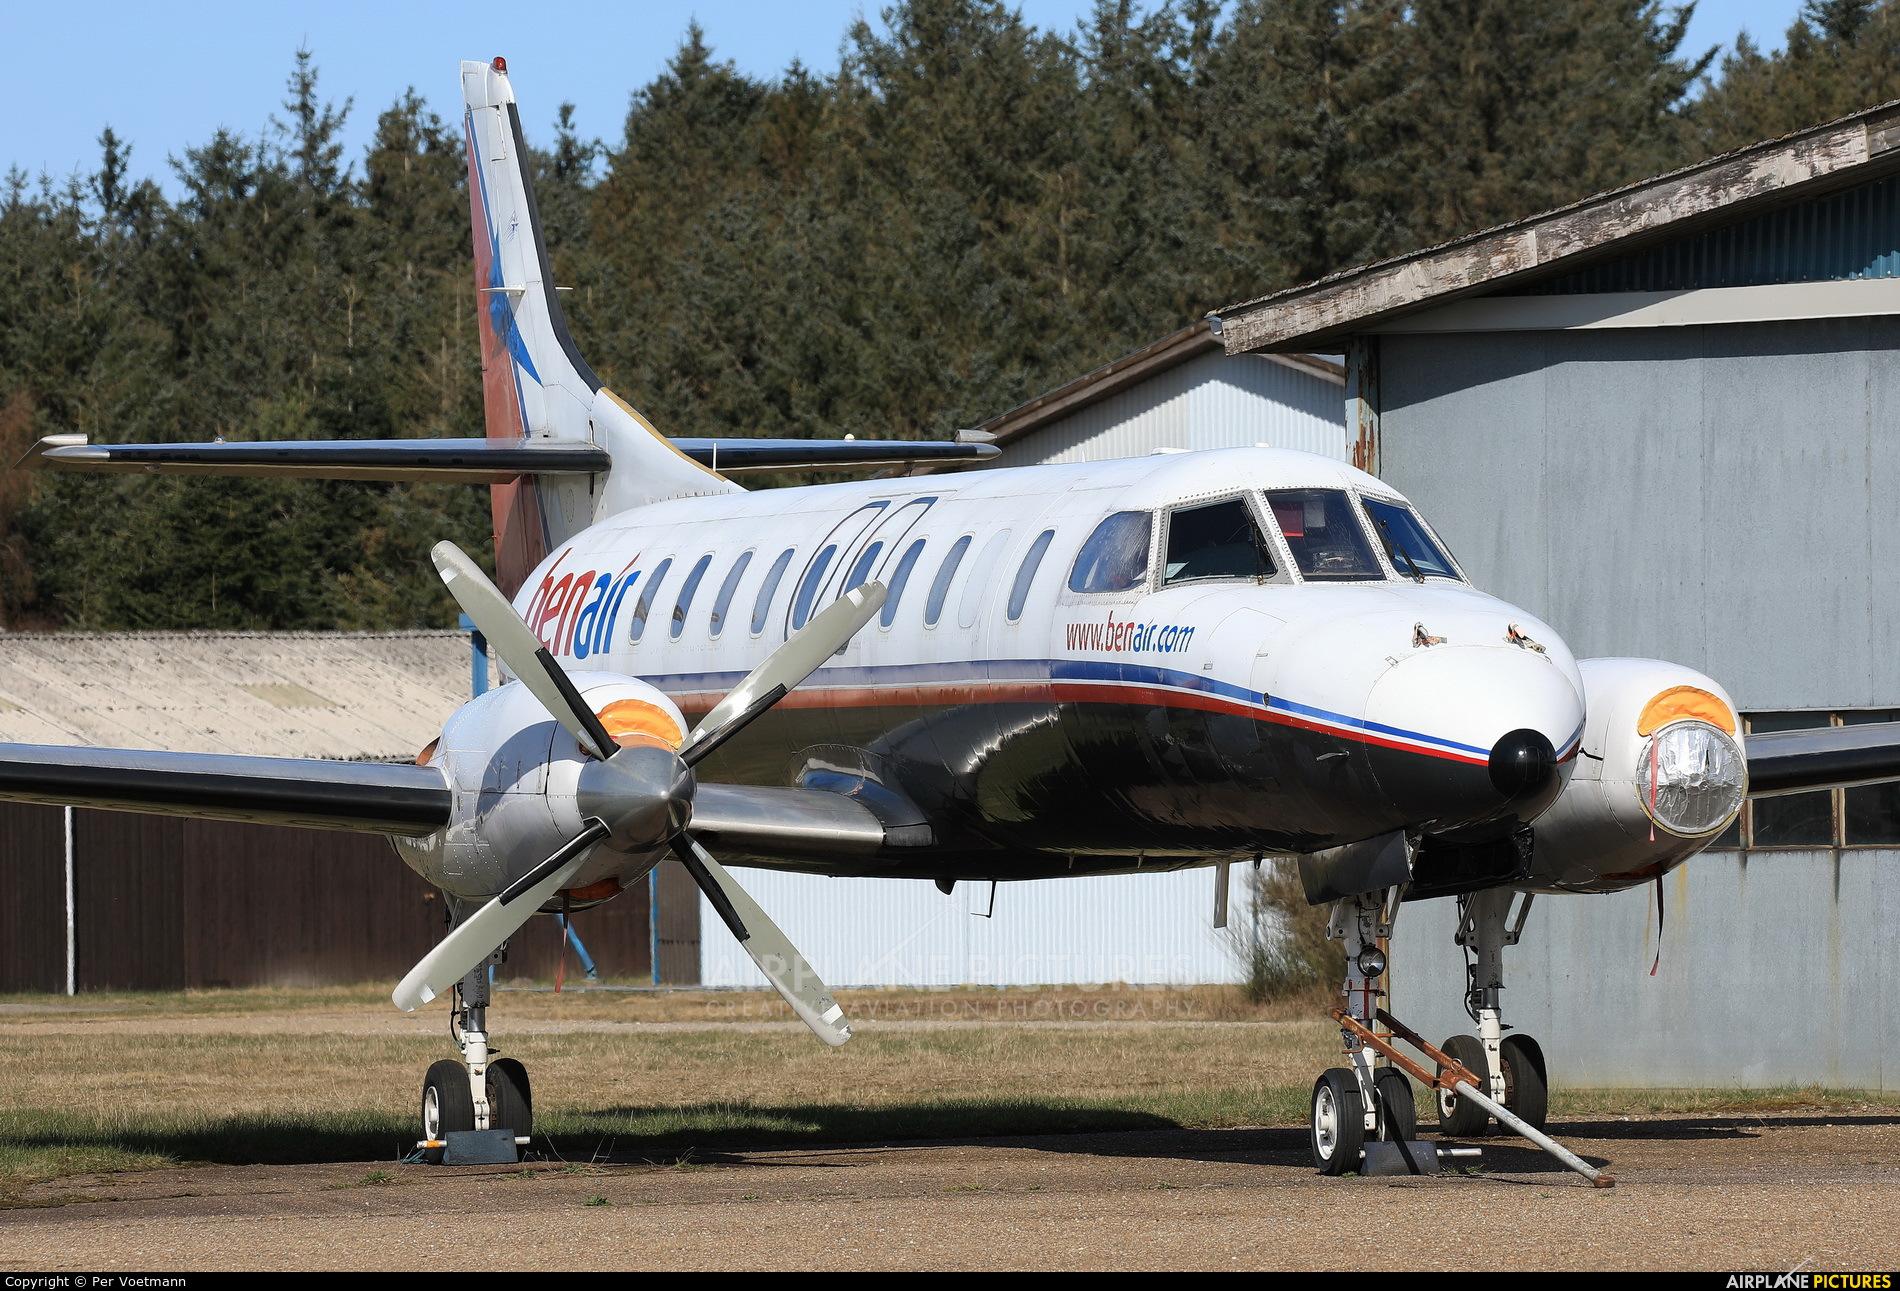 Benair OY-BJP aircraft at Stauning